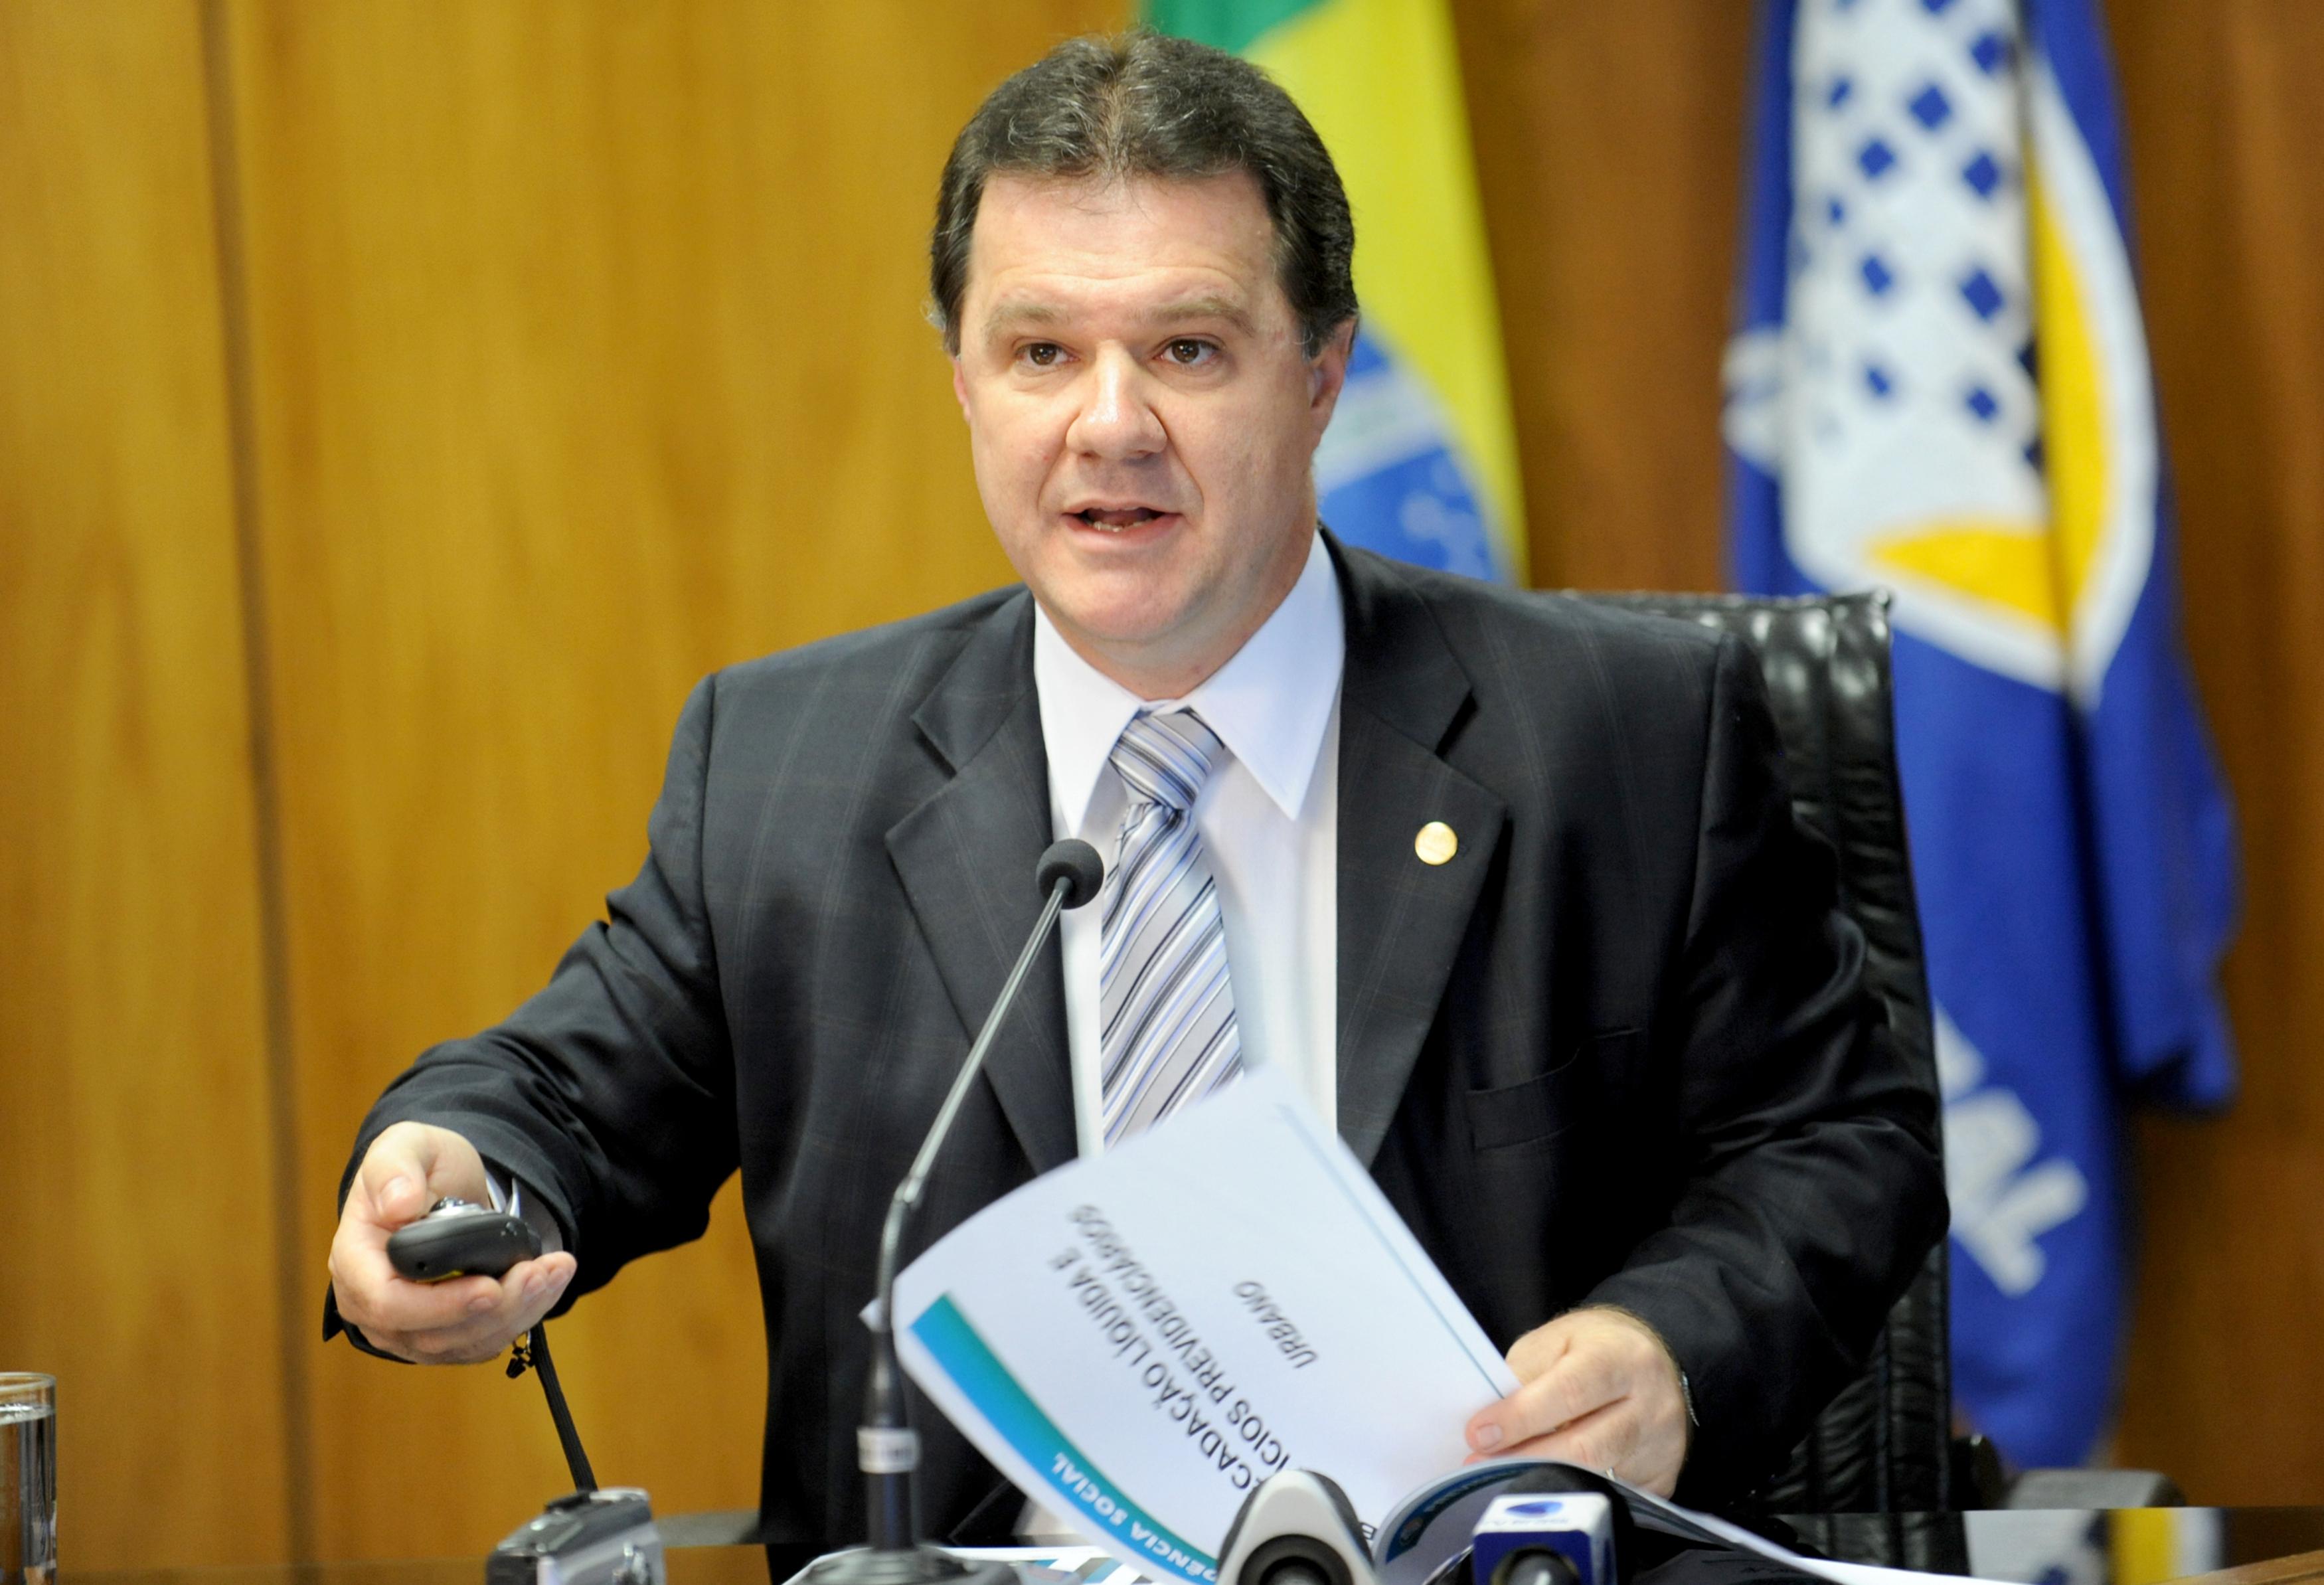 Ministrodetalha acordo para aposentadoria entre Brasil e EUA